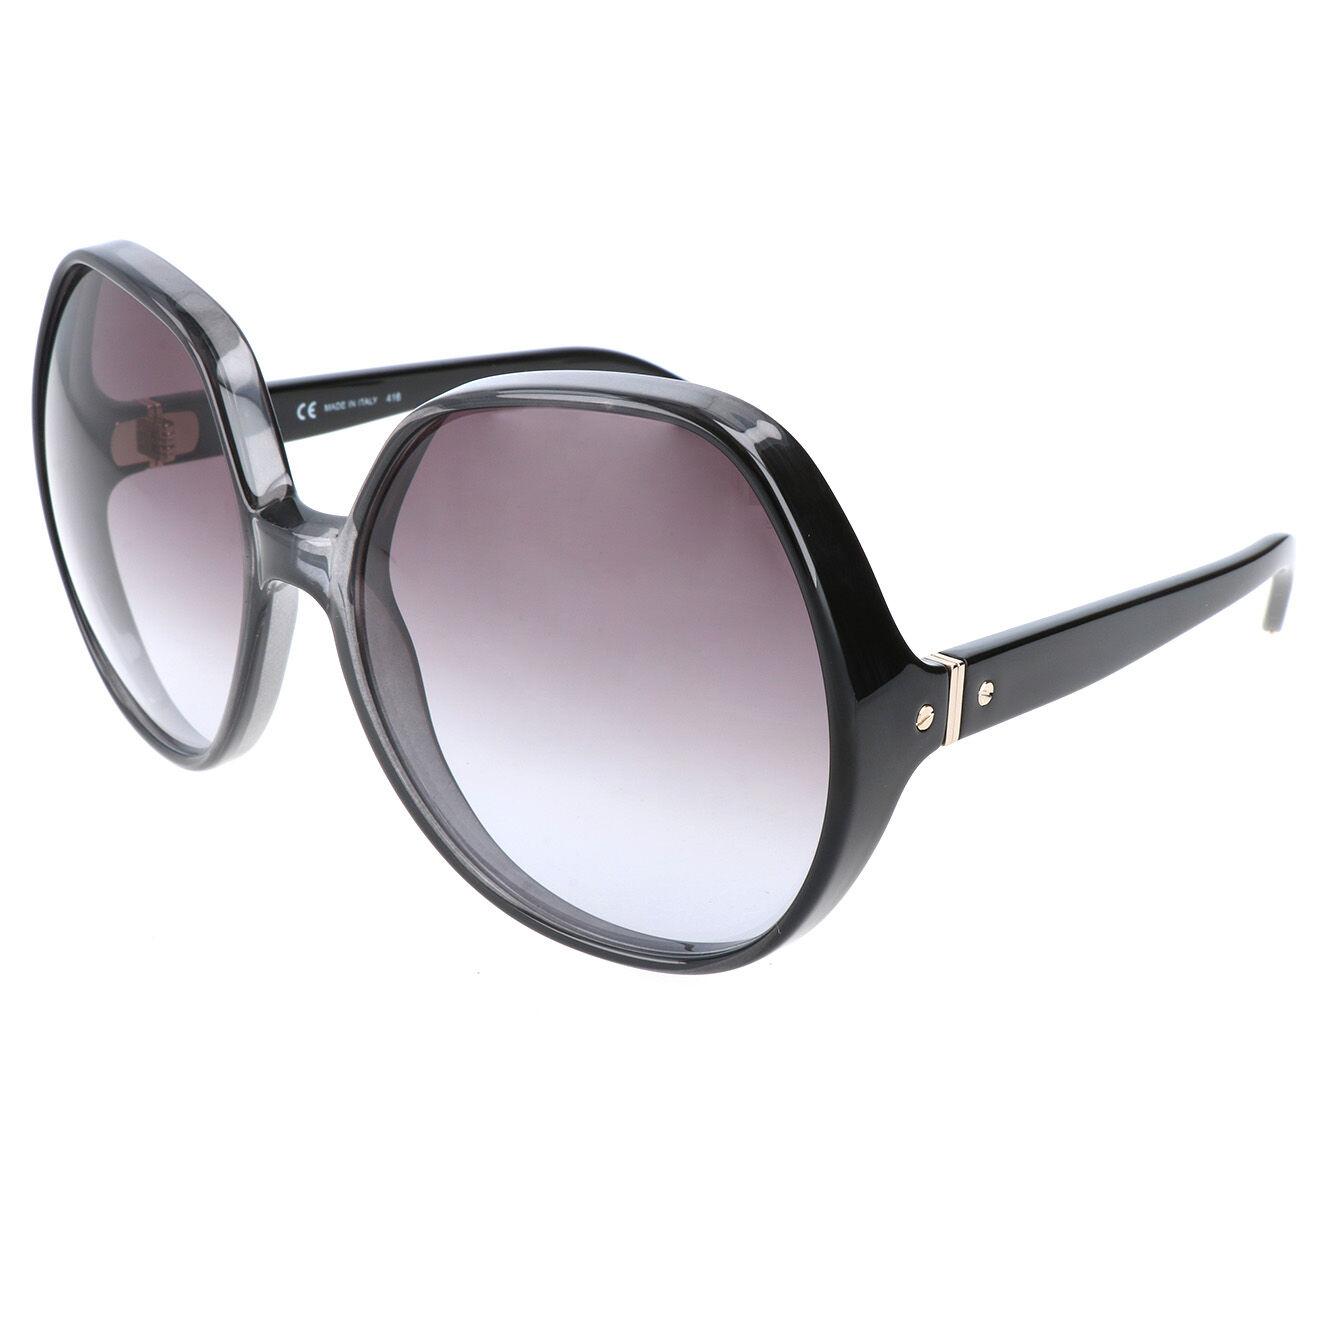 Chloé-femme-lunettes de soleil femme noires-t.u